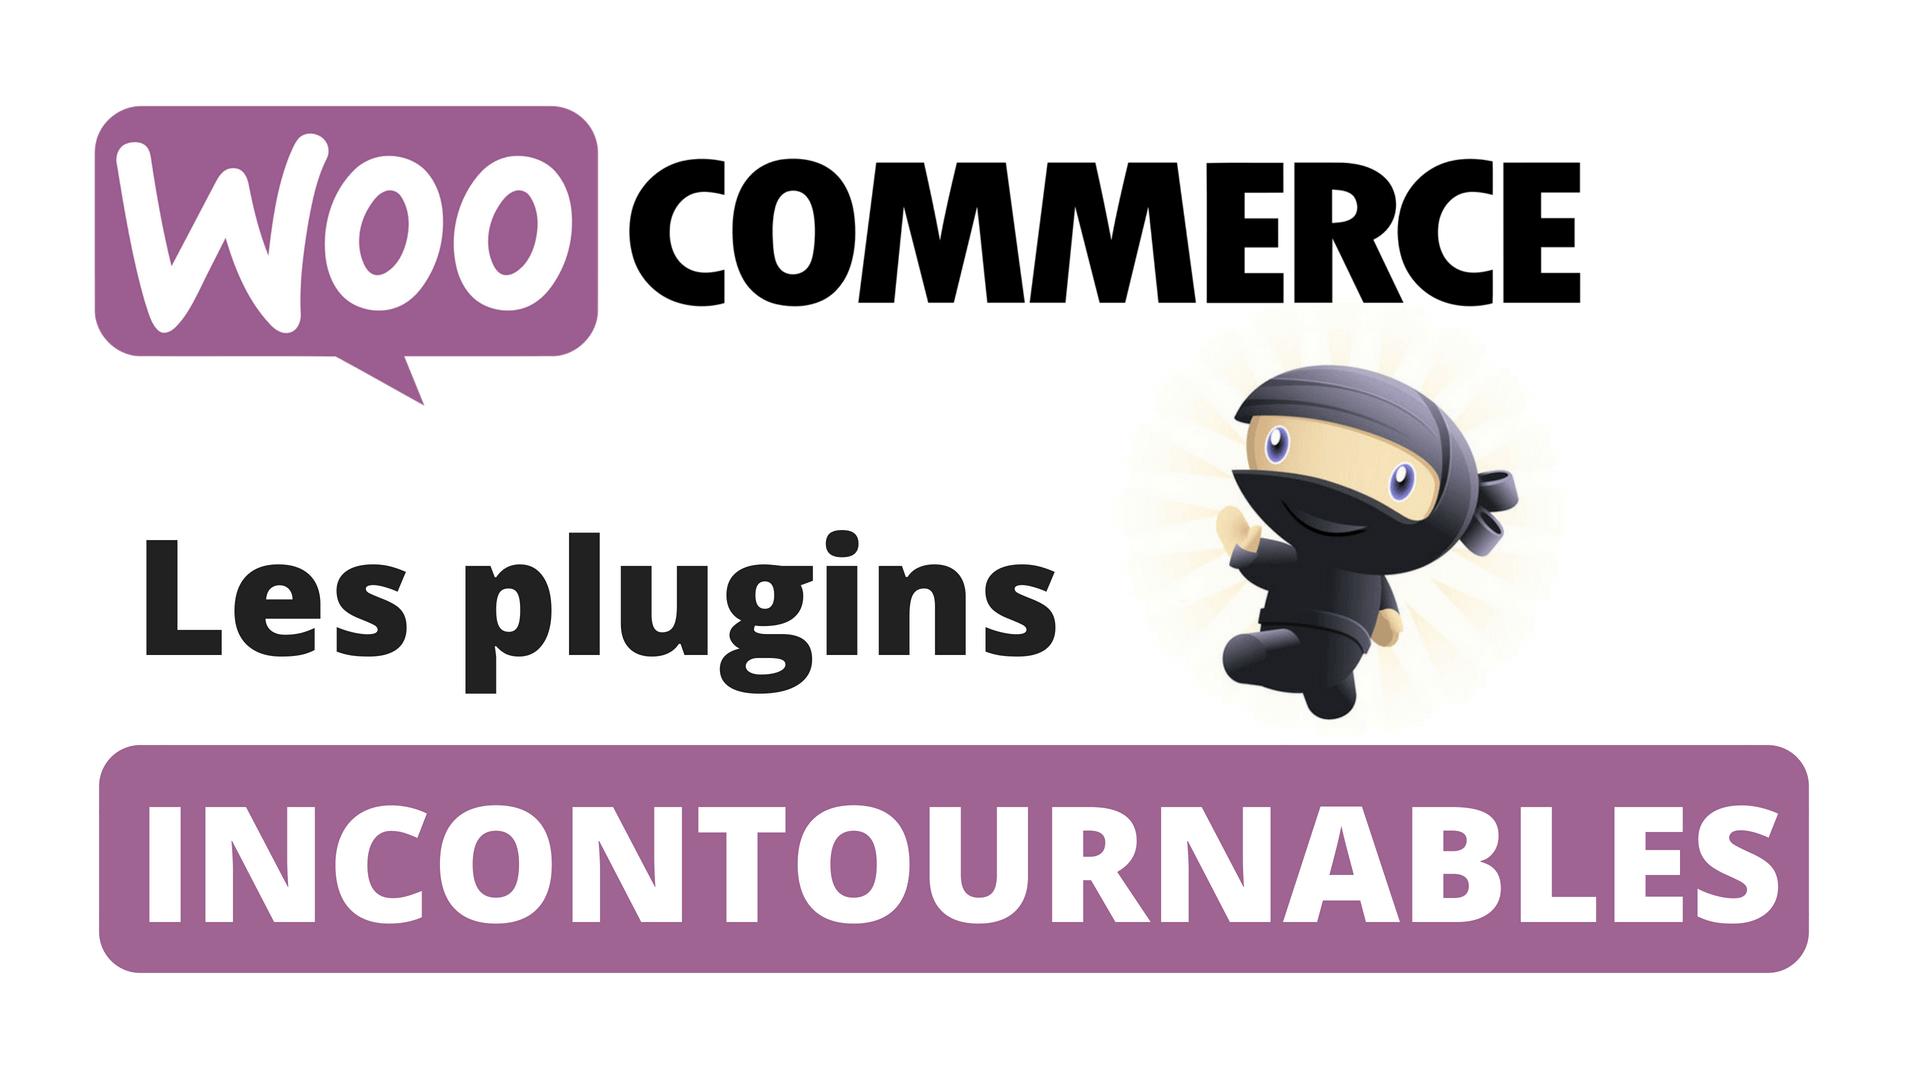 Les plugins incontournables à utiliser avec WooCommerce